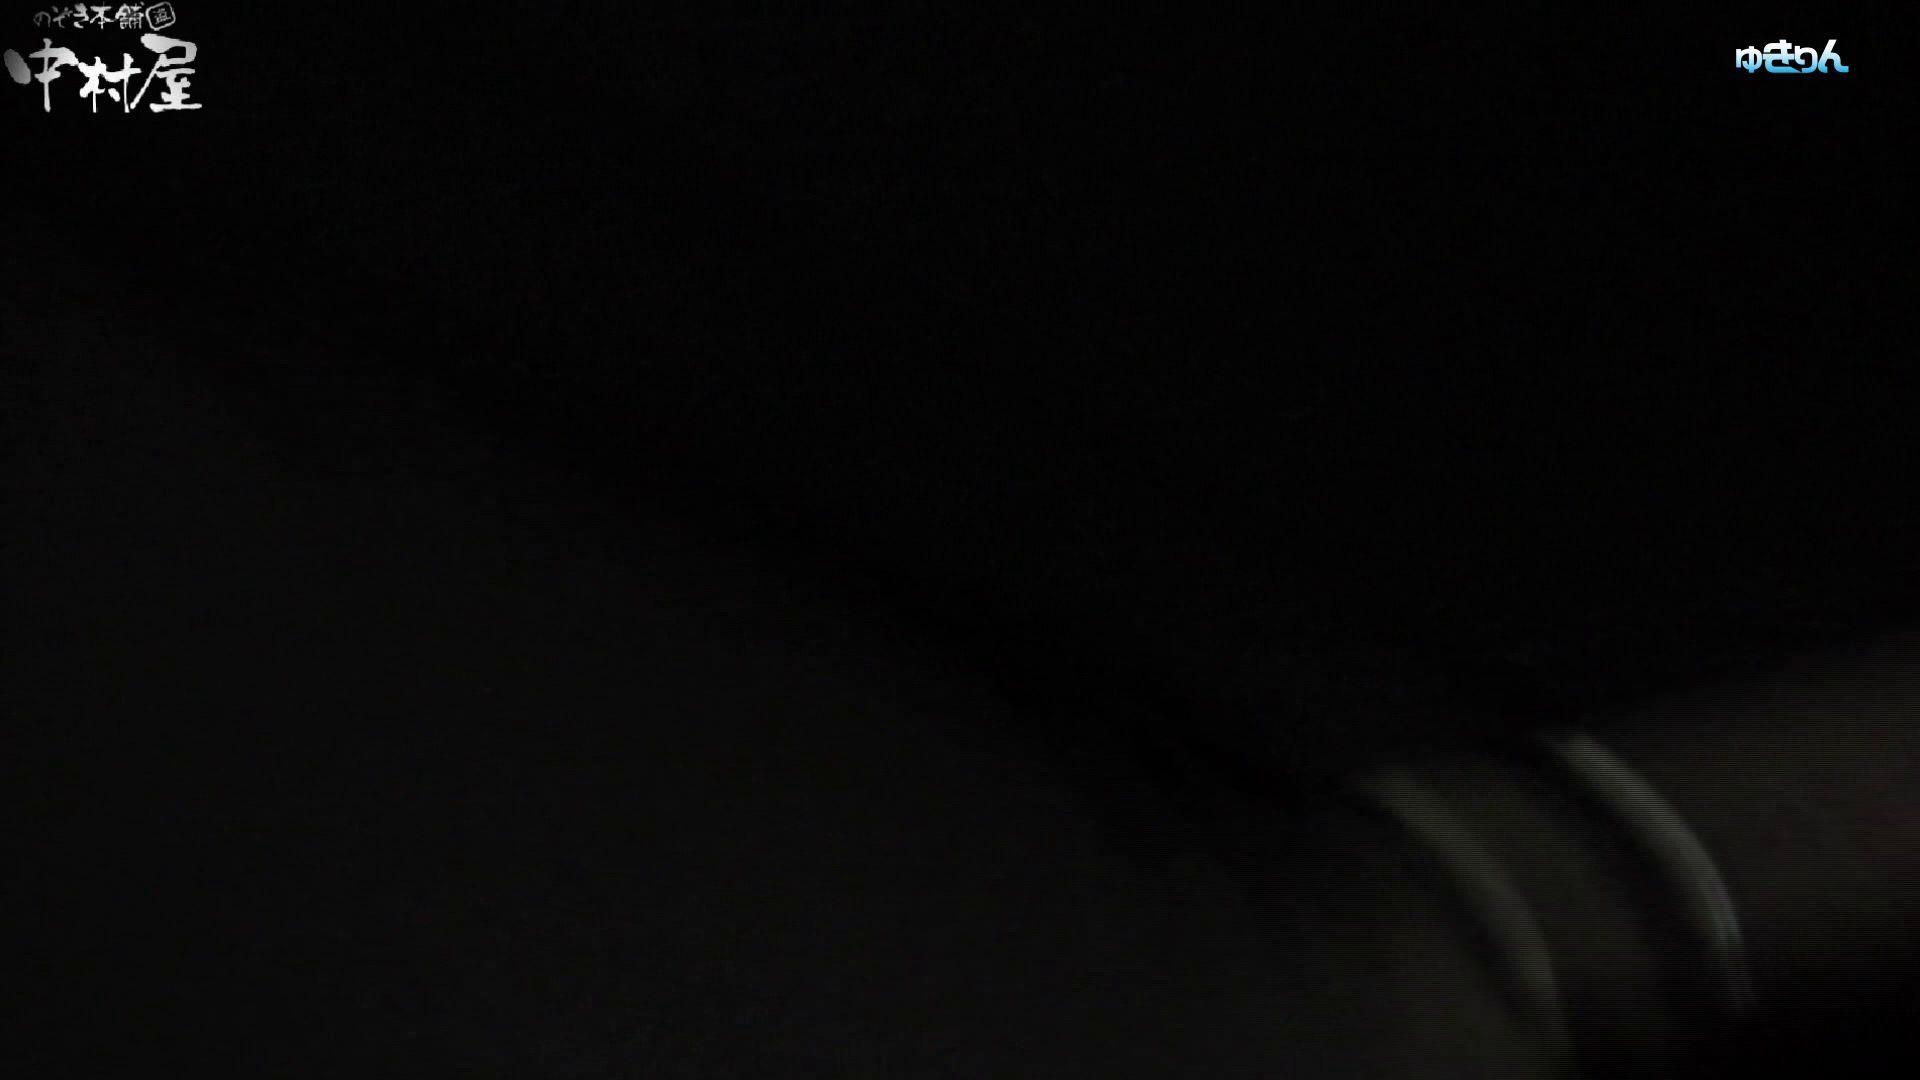 世界の射窓から~ステーション編 vol58 0.1%の確率!!吸い付こまれるプレミアム聖地 0  73連発 56